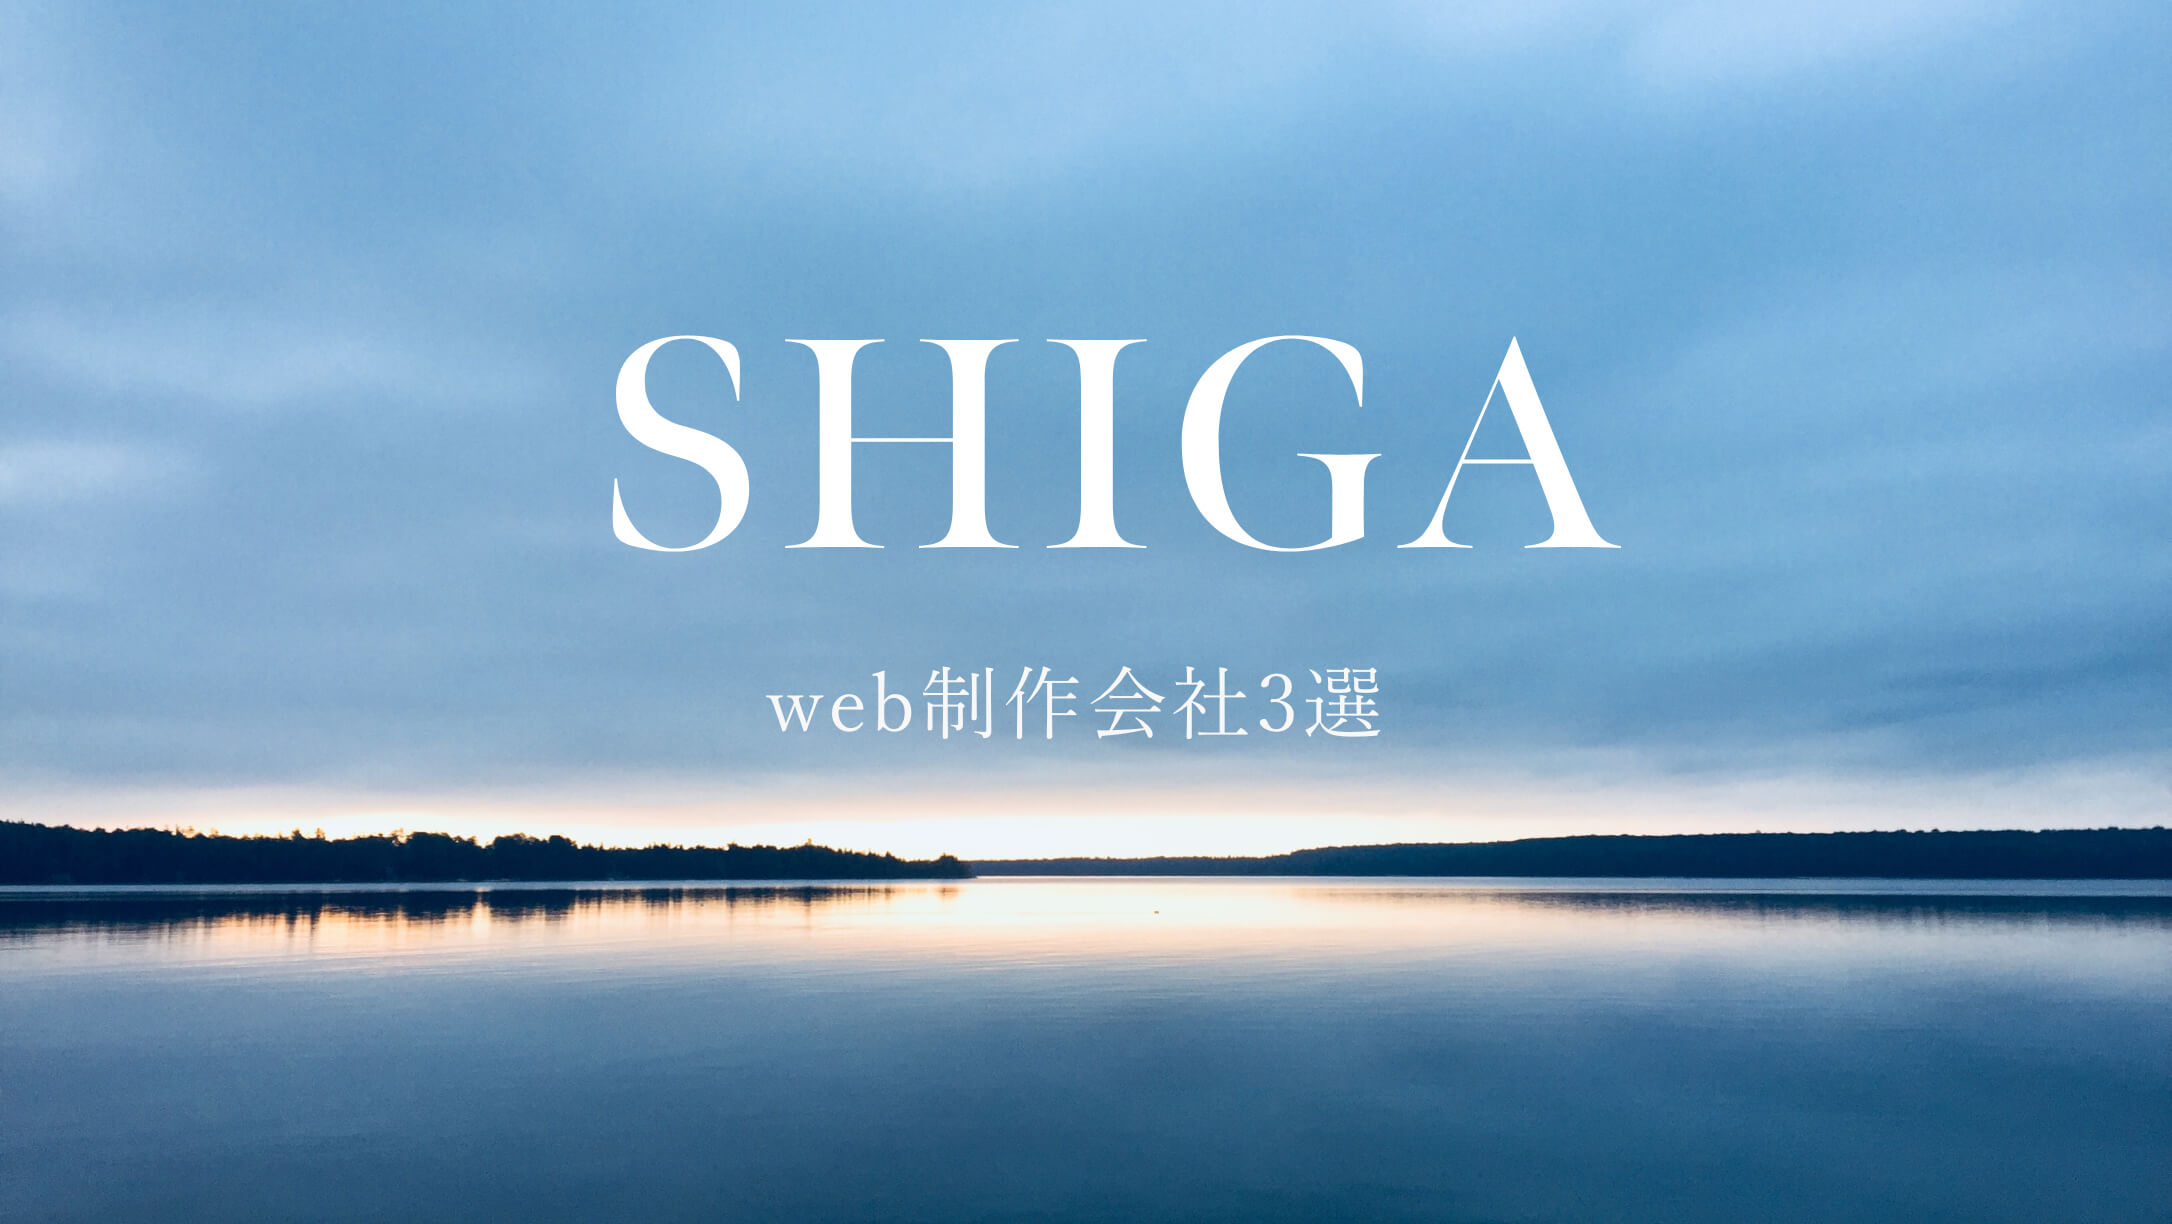 滋賀県でデザインがいいweb・ホームページ制作会社【3選+1】